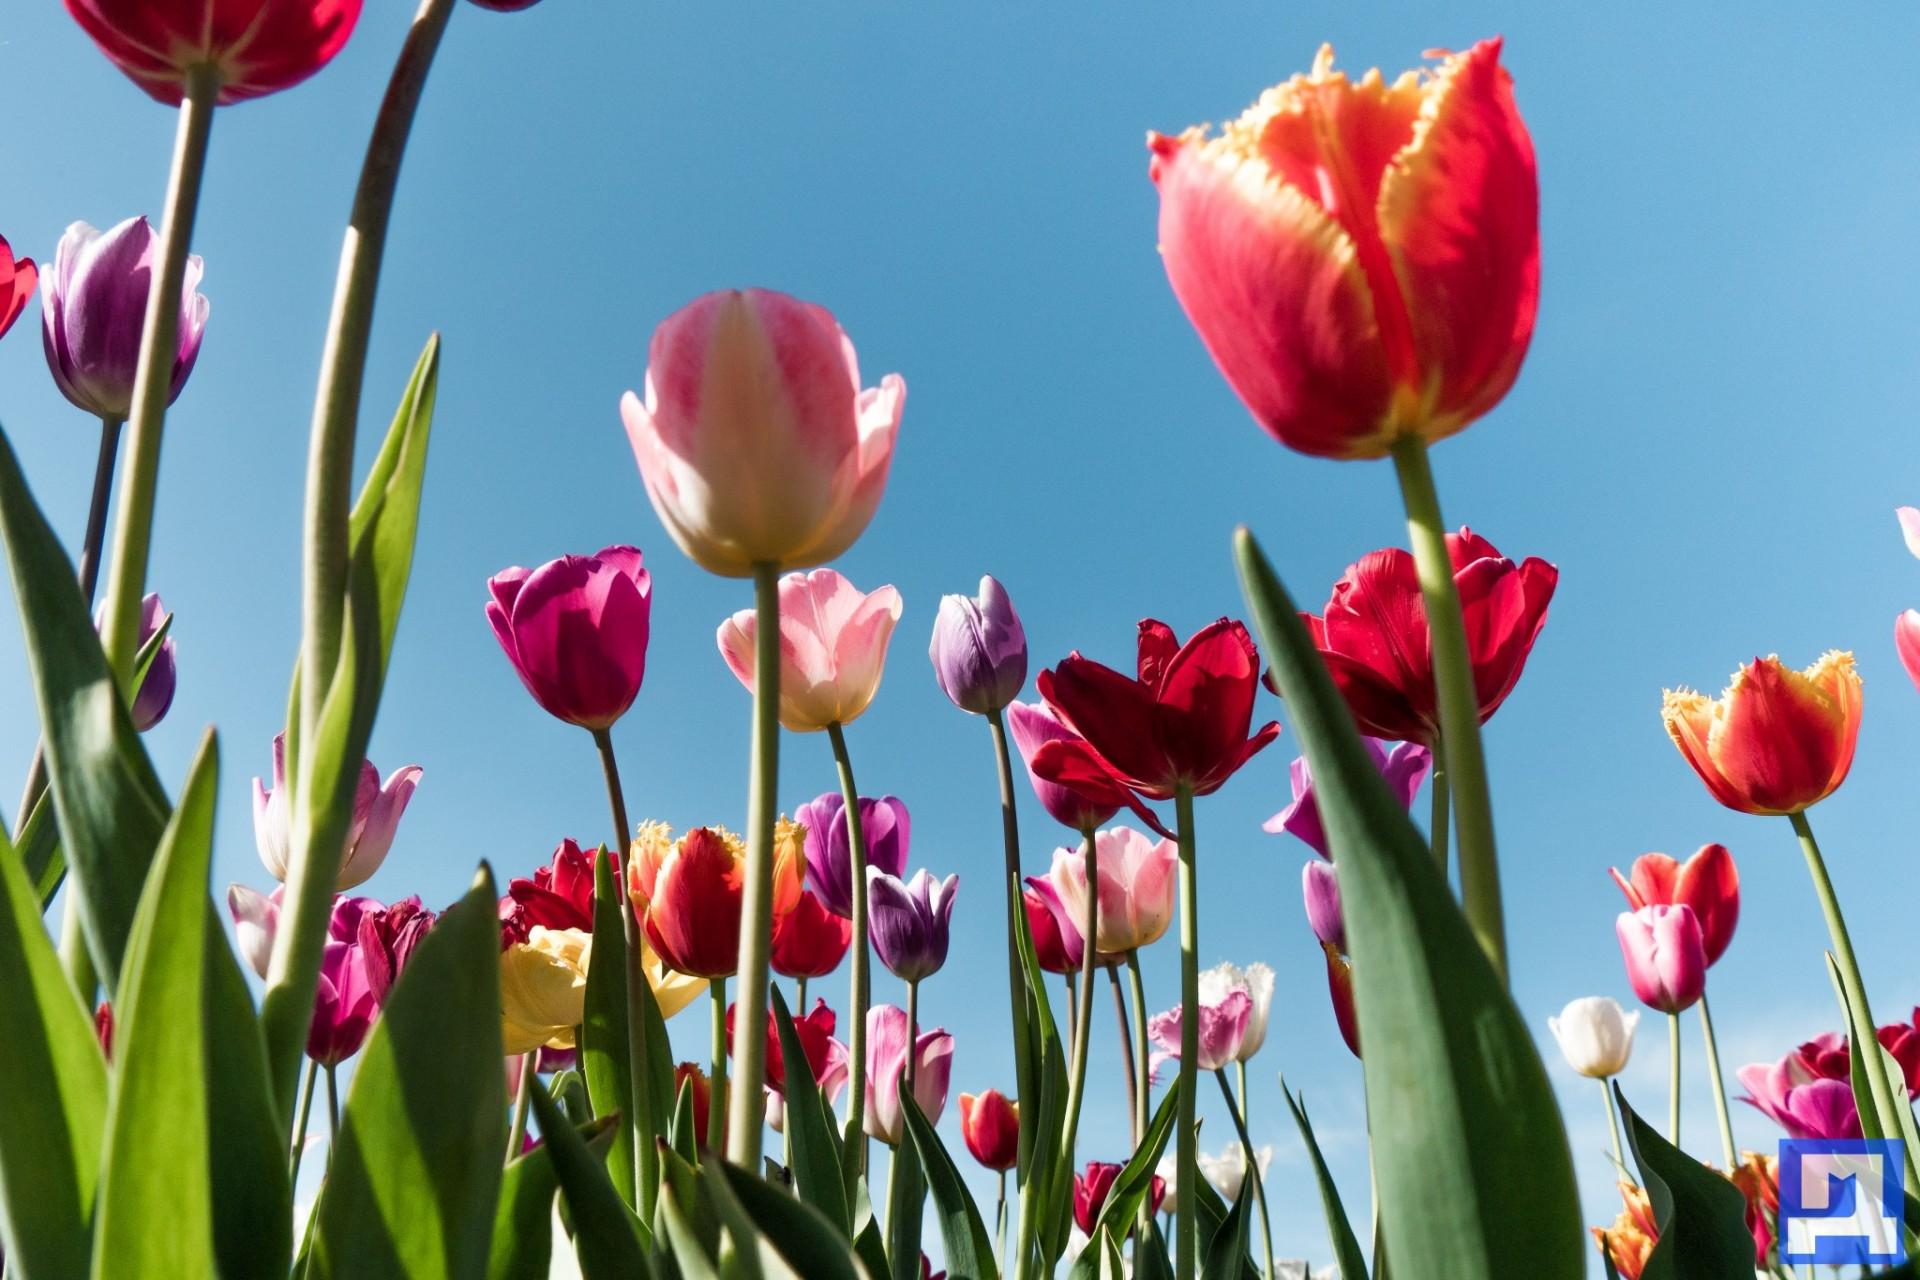 маленькие картинки с тюльпанами растет